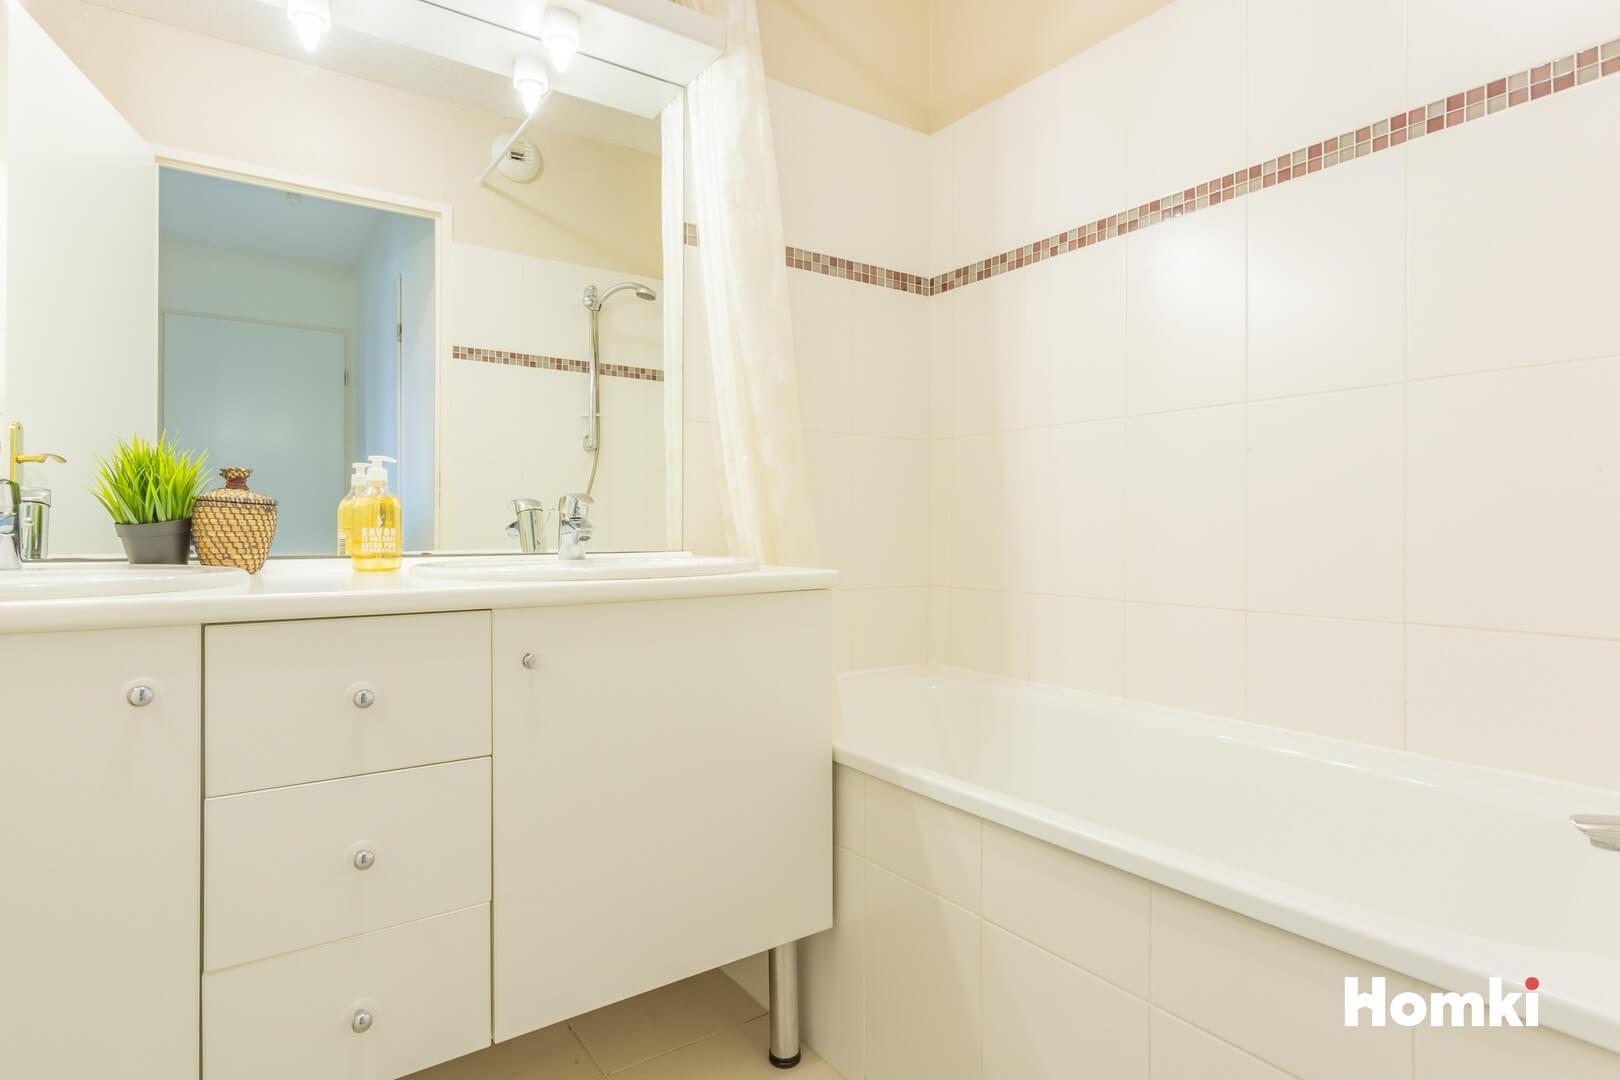 Homki - Vente Appartement  de 62.0 m² à Marseille 13013